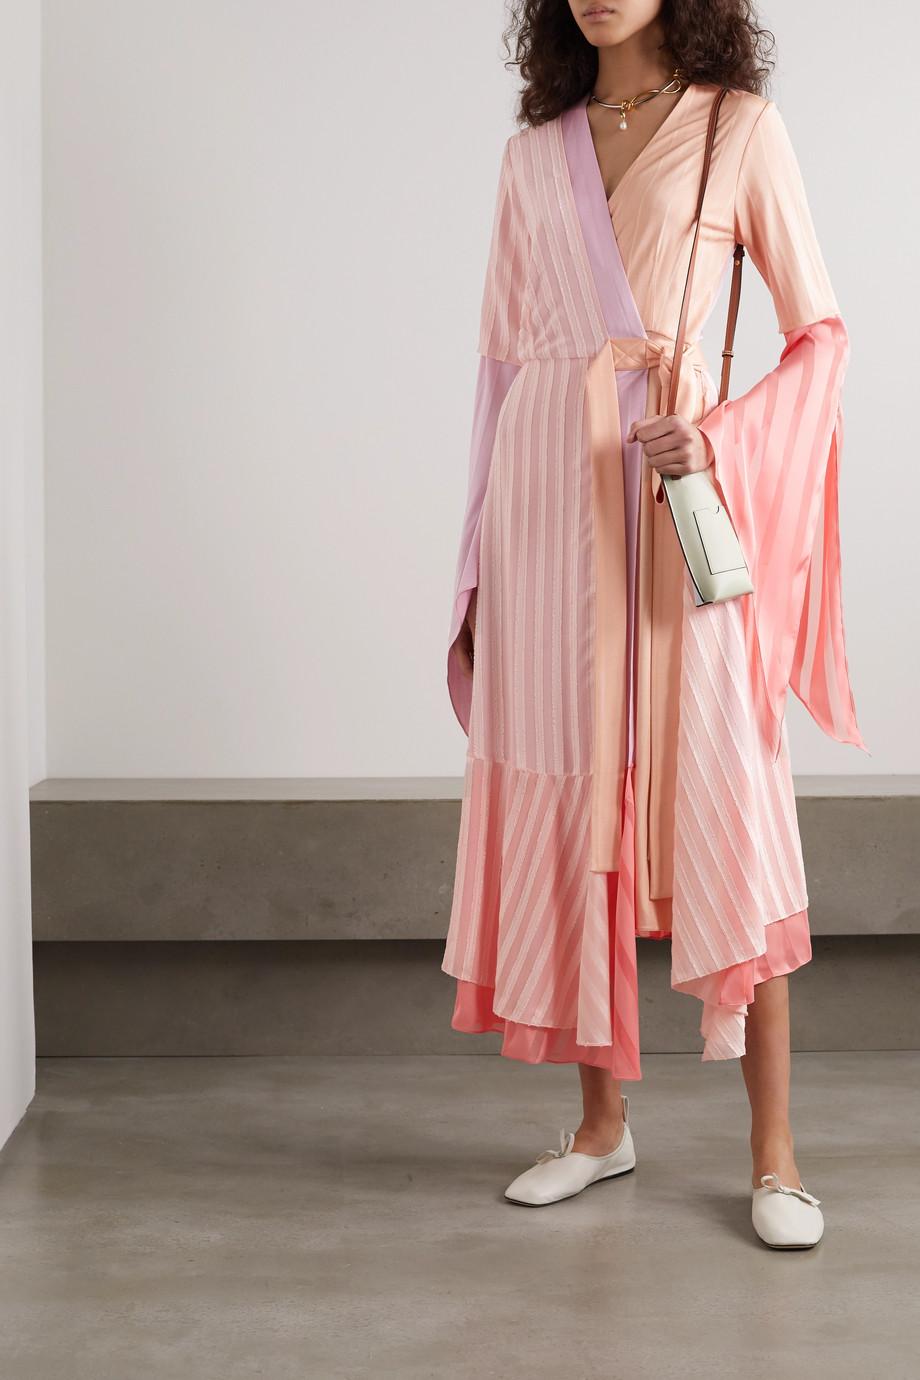 Loewe Asymmetric ribbed-knit, satin-jacquard and devoré silk-chiffon wrap dress